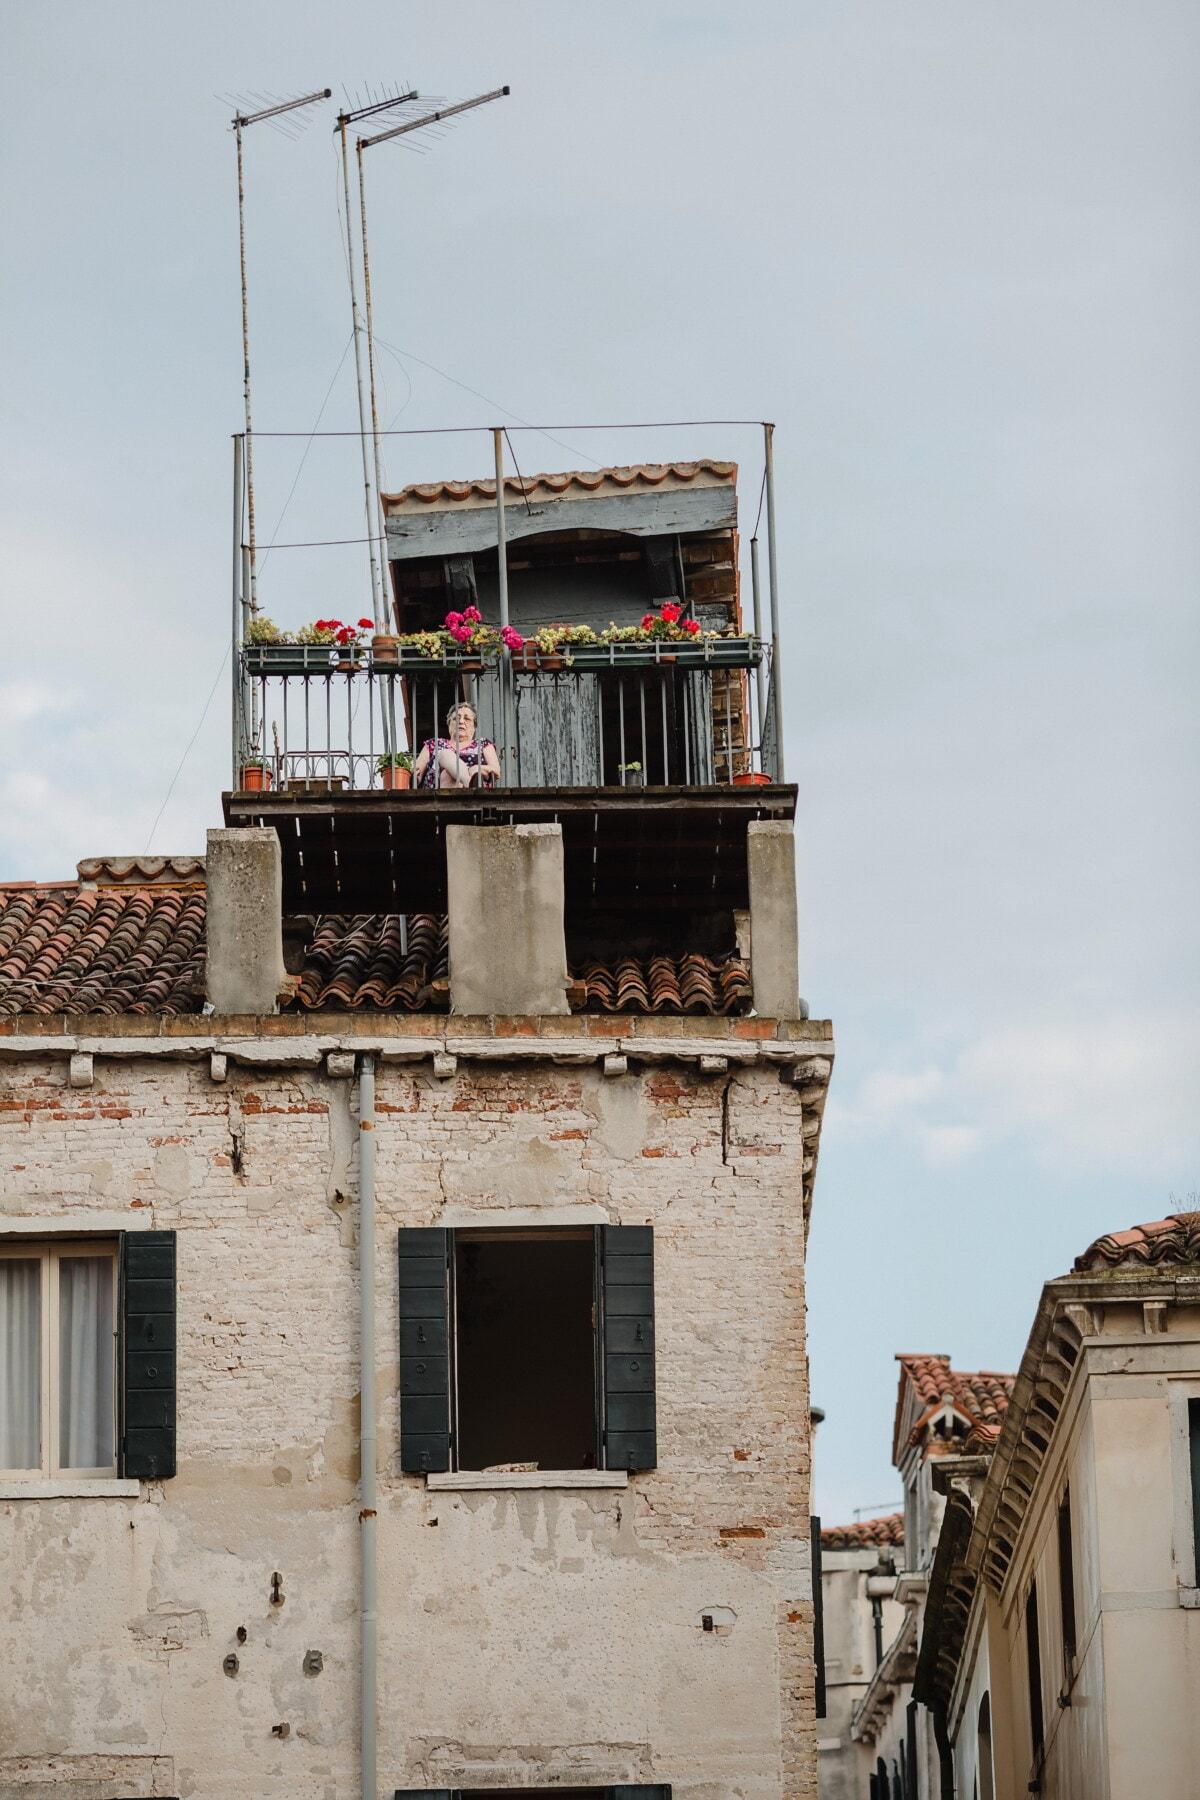 vieux, maison, toit, sur le toit, Ruin, jardin, femme, façade, bâtiment, architecture